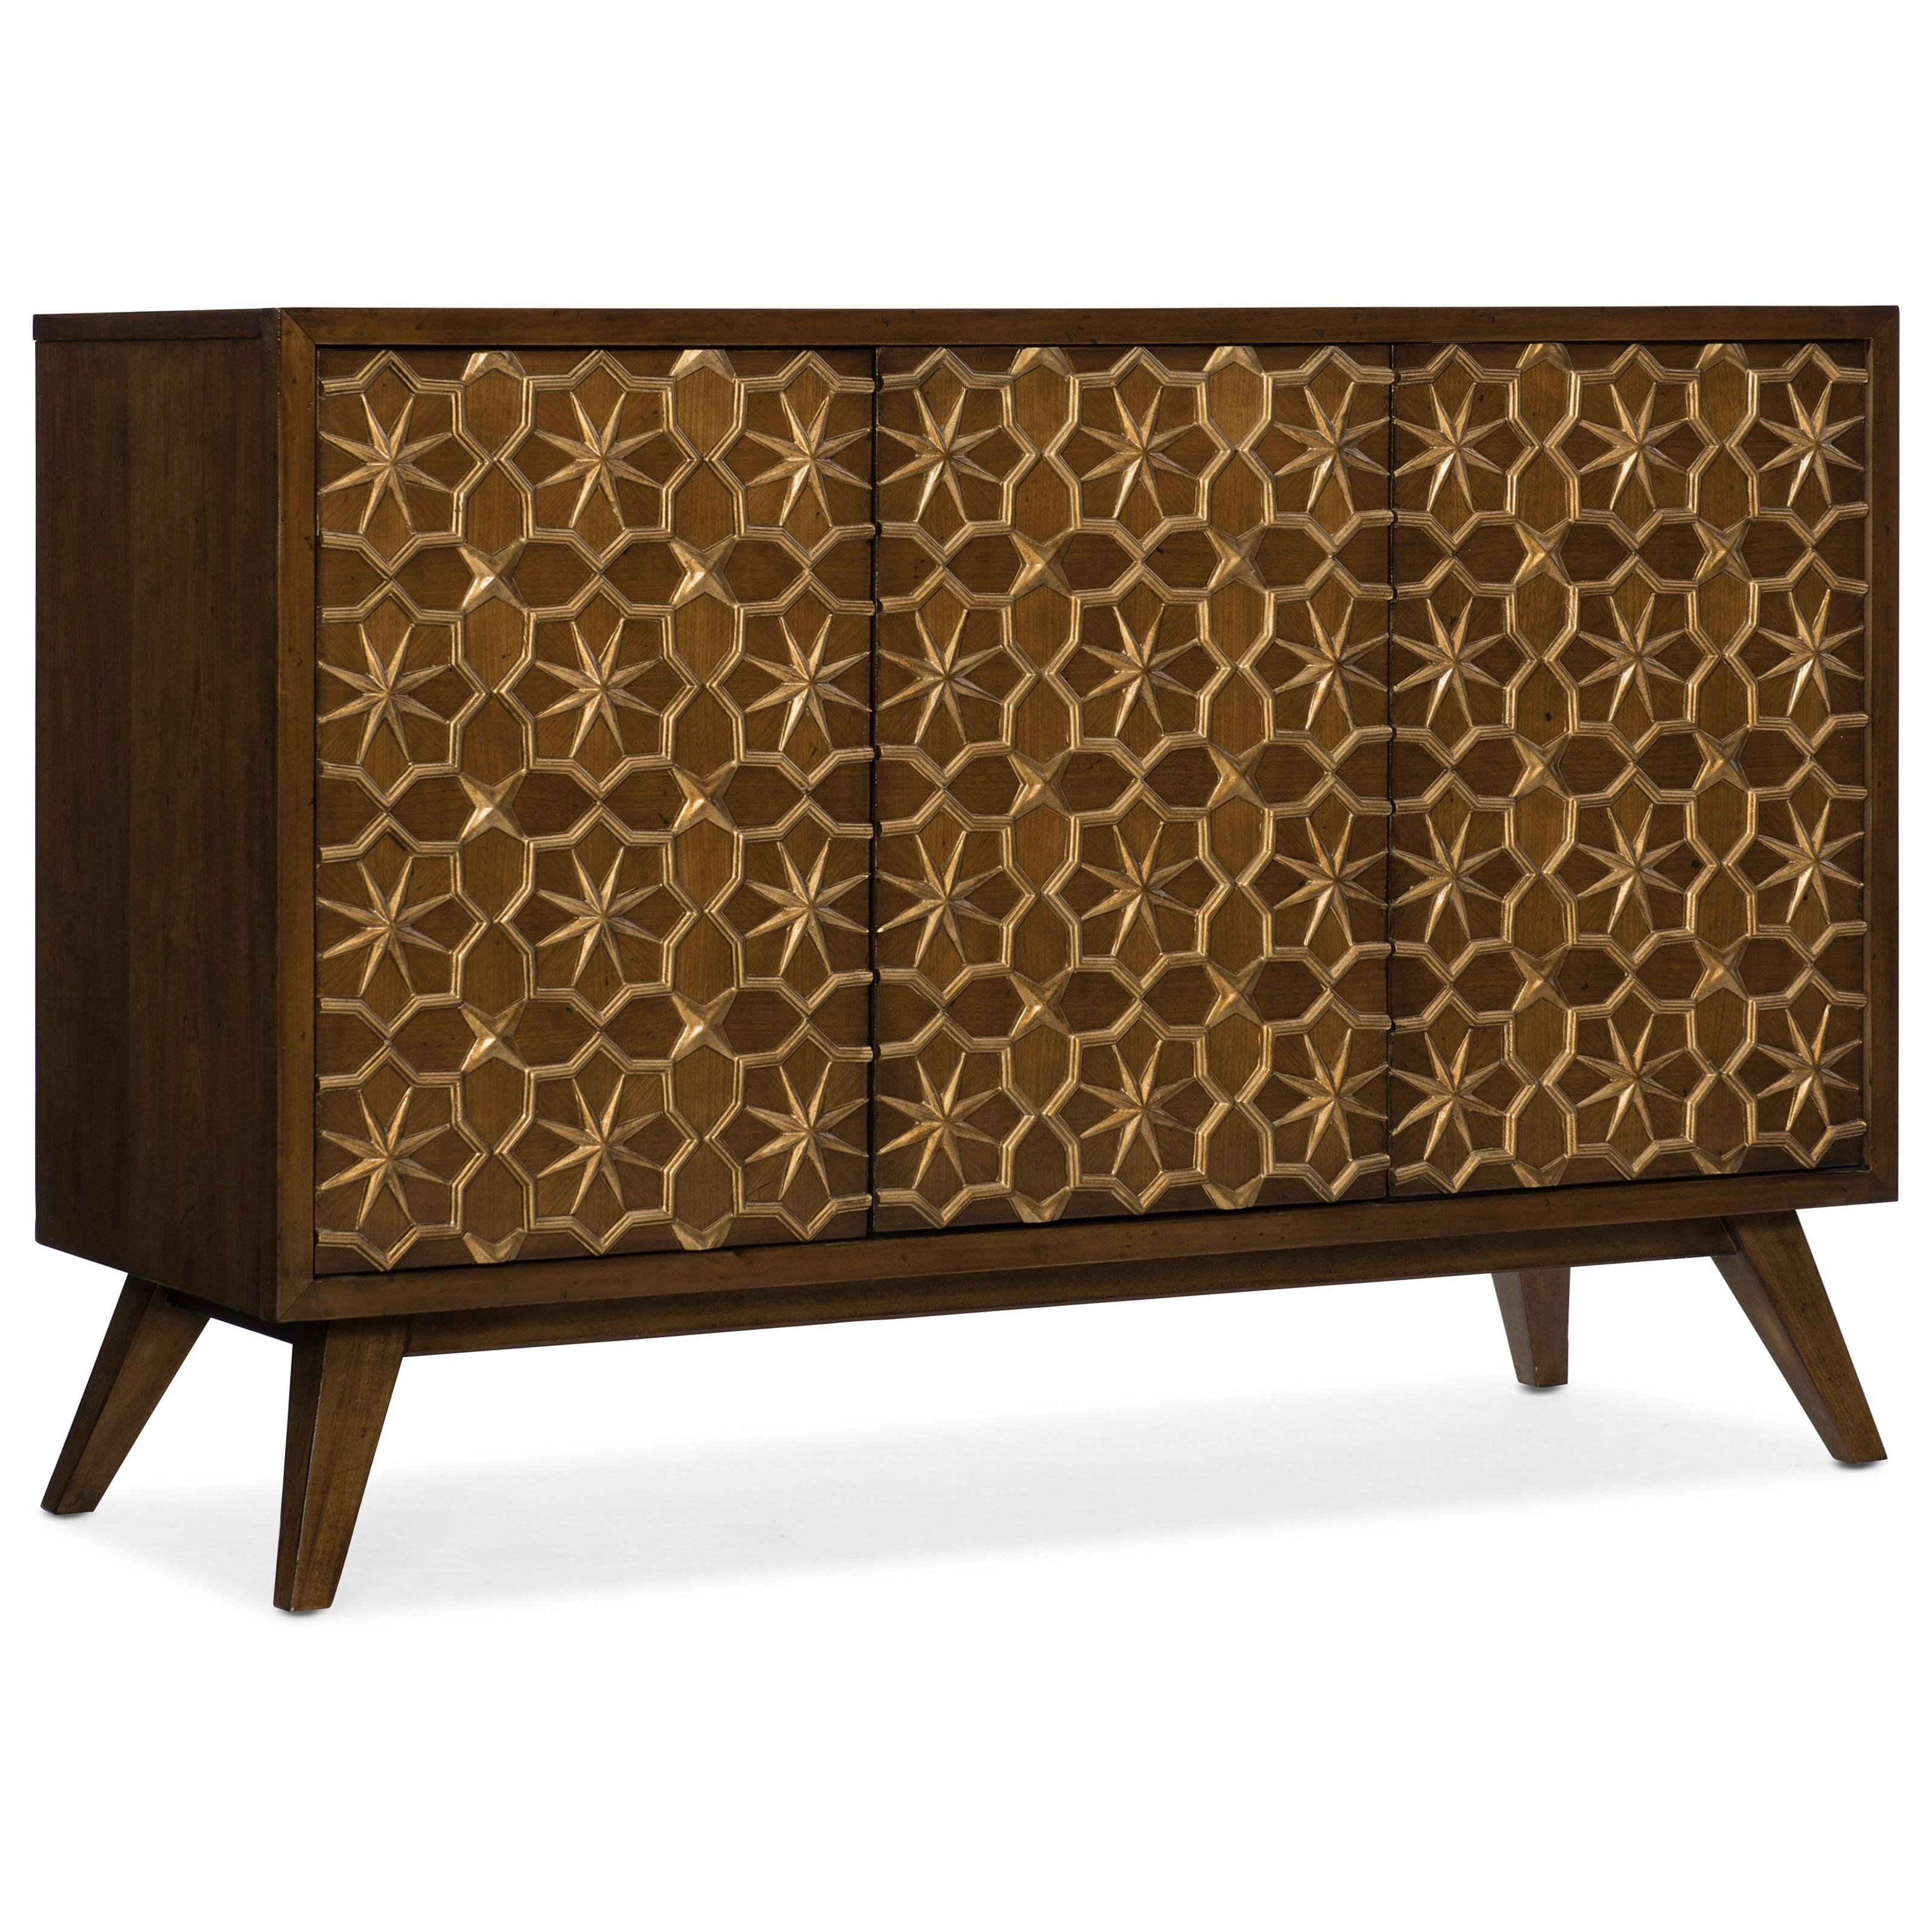 Melange Traveler Credenza by Hooker Furniture at Baer's Furniture